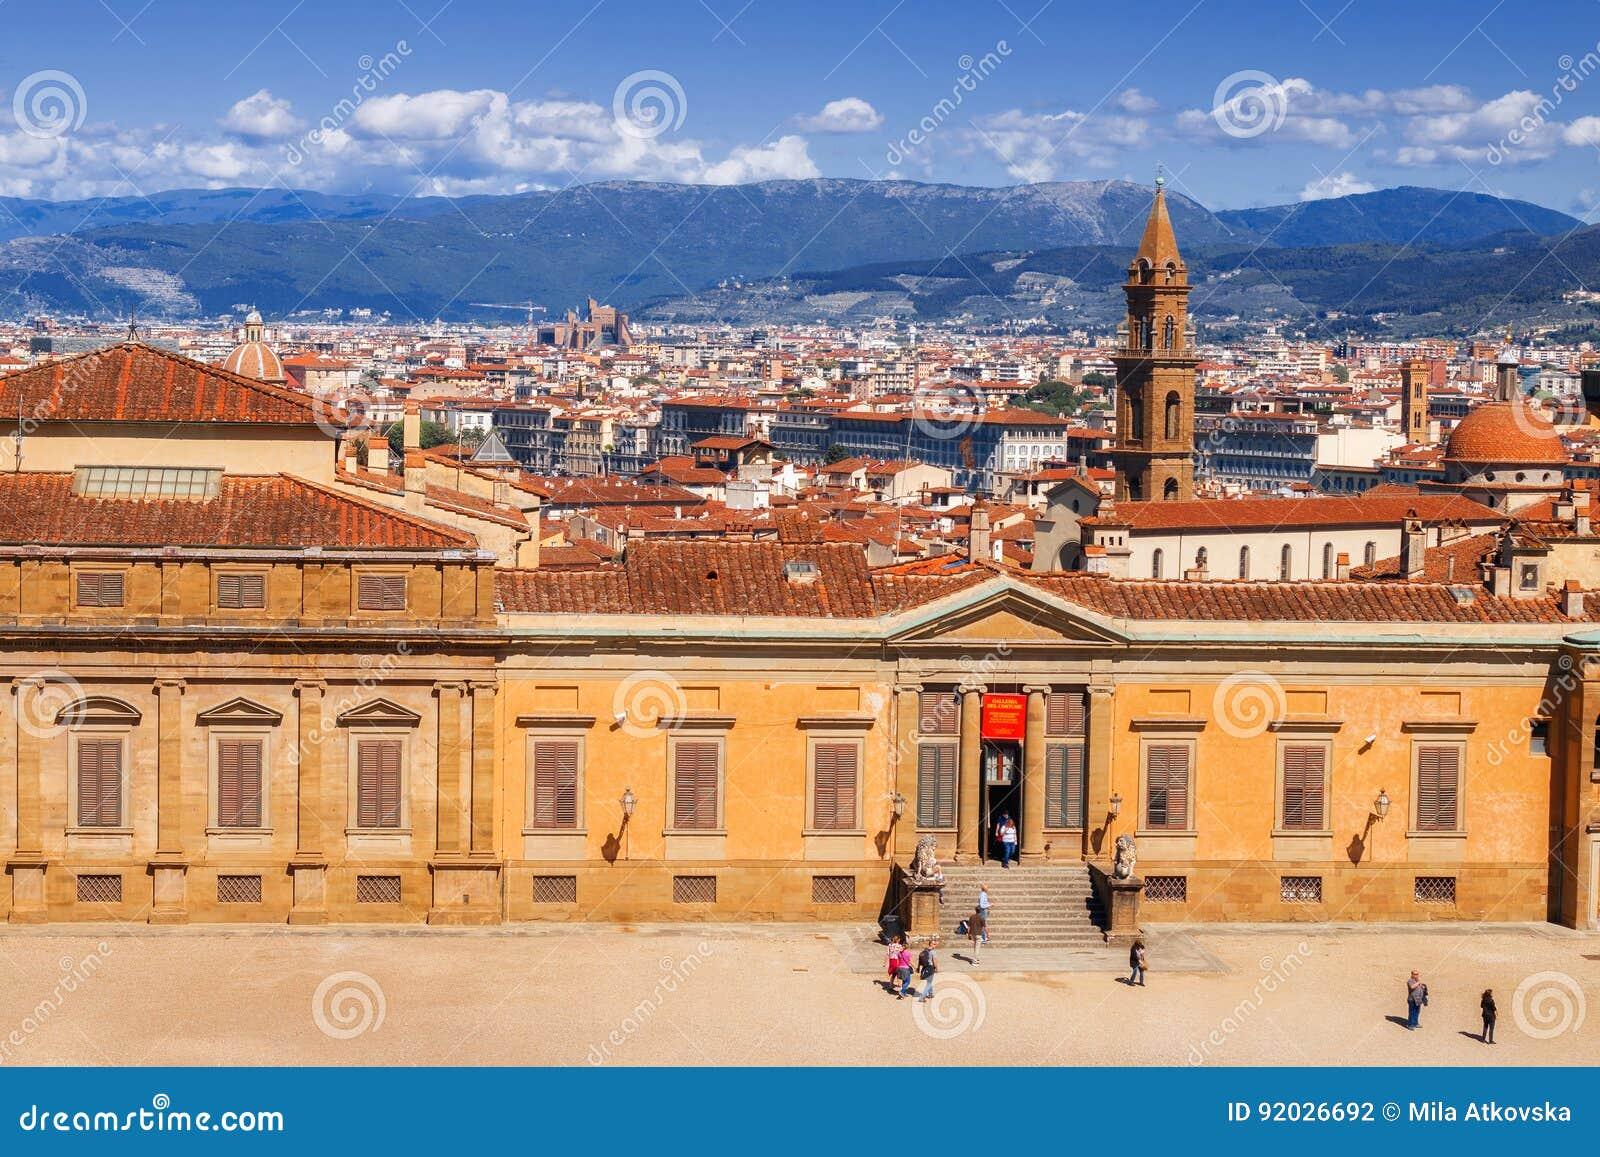 5 05 2017 - 服装画廊大厦,一部分的Palazzo Pitti Pitti宫殿- Medici家庭的前住所,佛罗伦萨